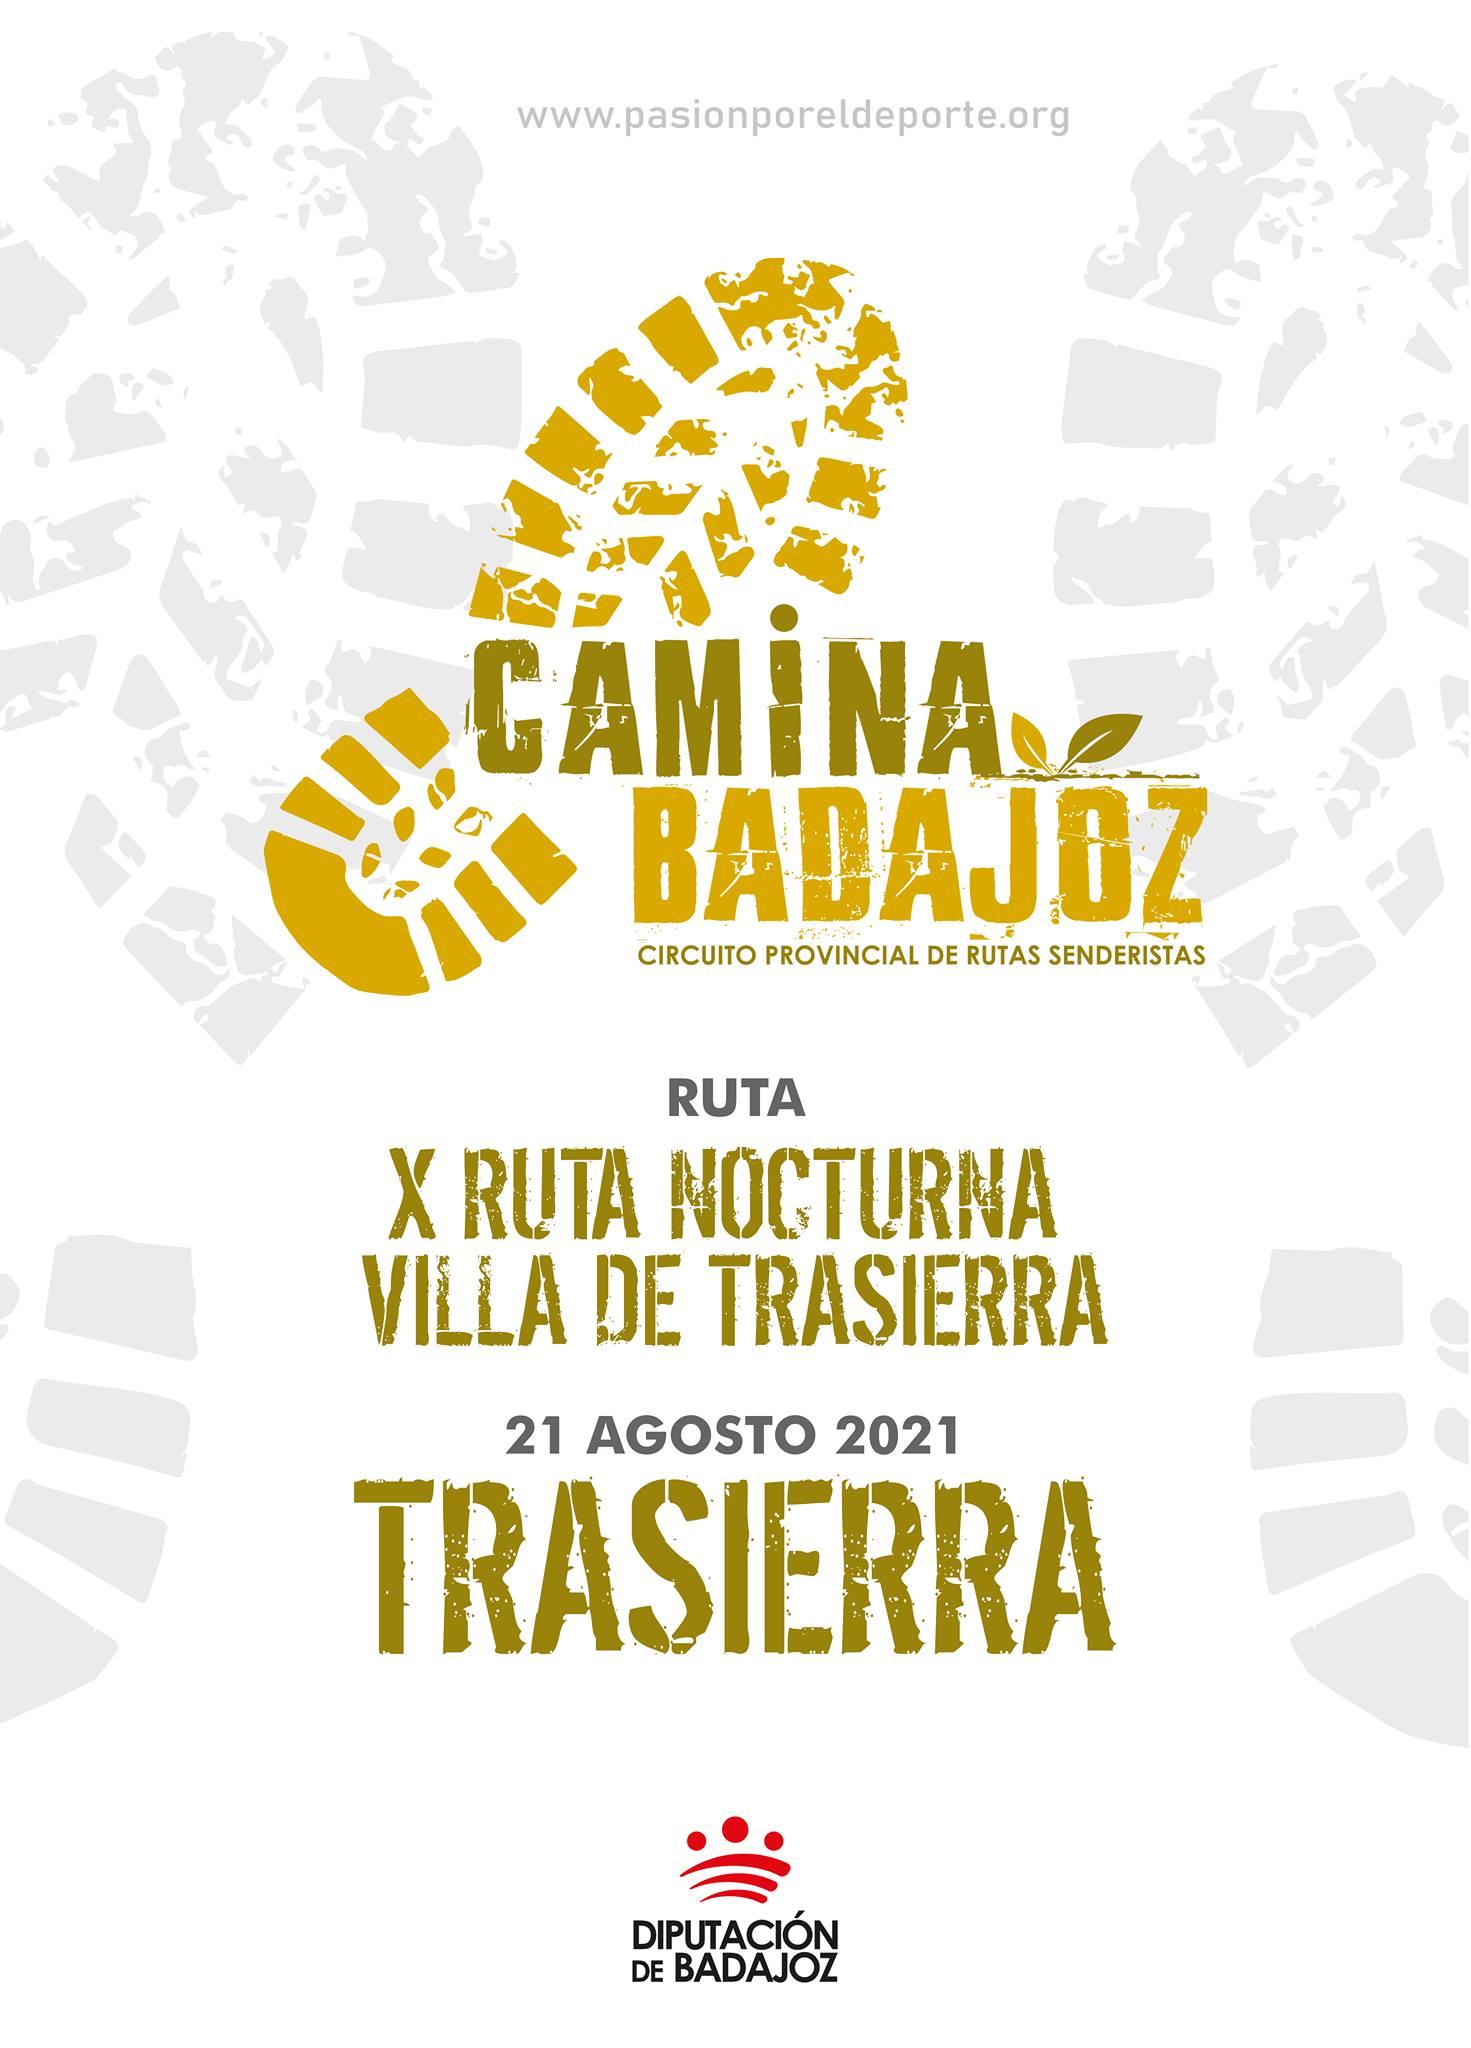 CAMINA BADAJOZ | X Ruta nocturna Villa de Trasierra (Trasierra)